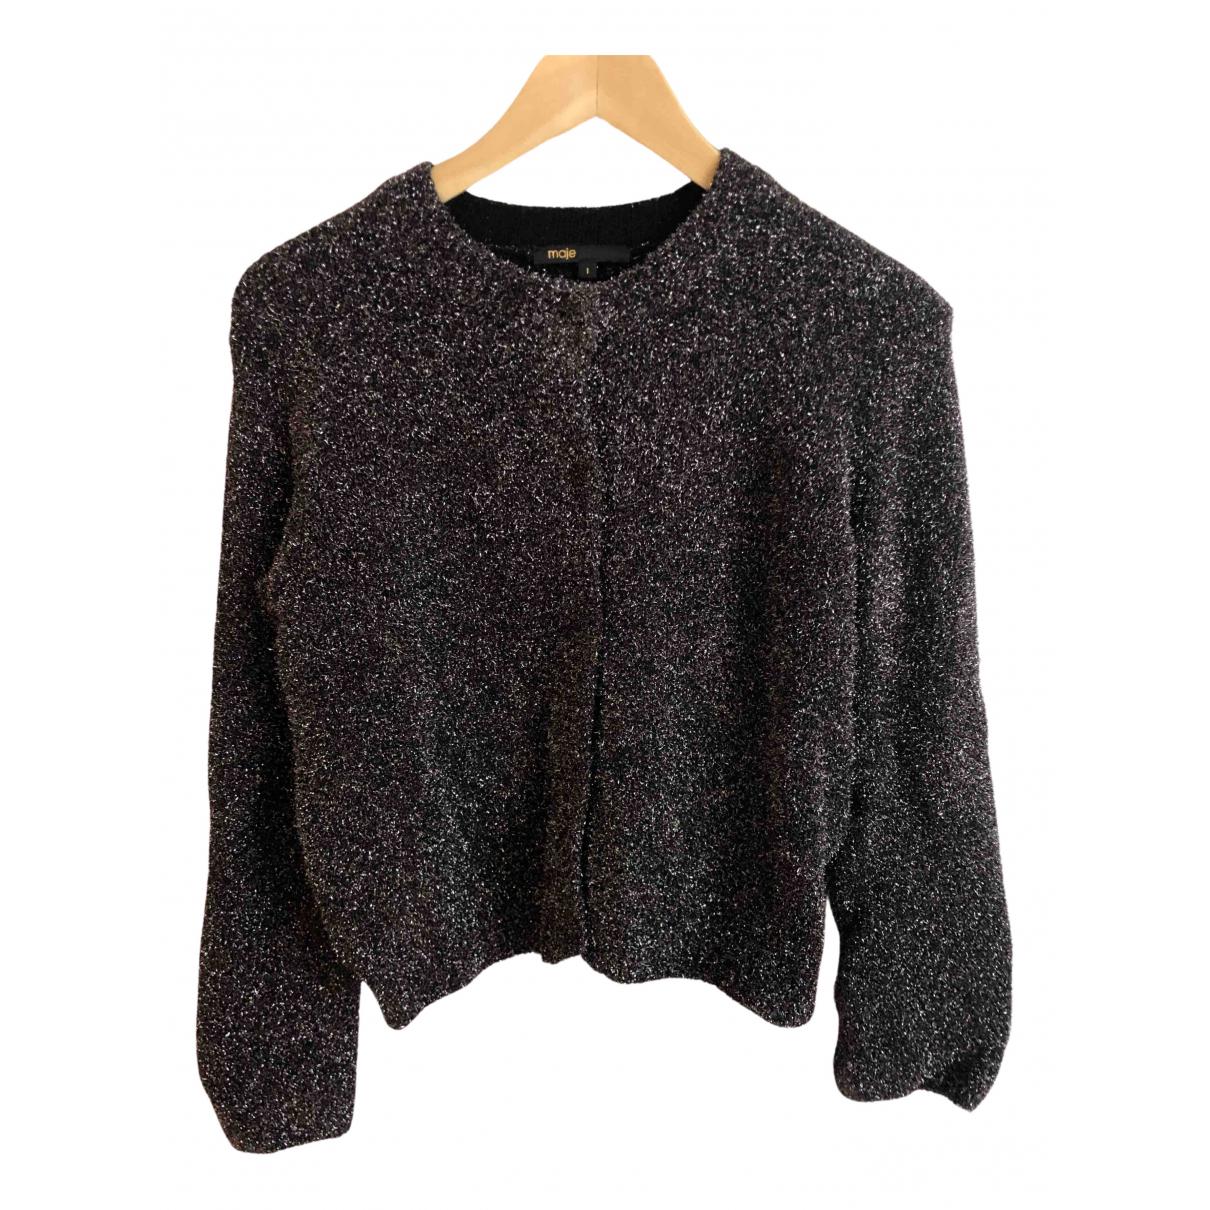 Maje - Pull Fall Winter 2019 pour femme en laine - noir